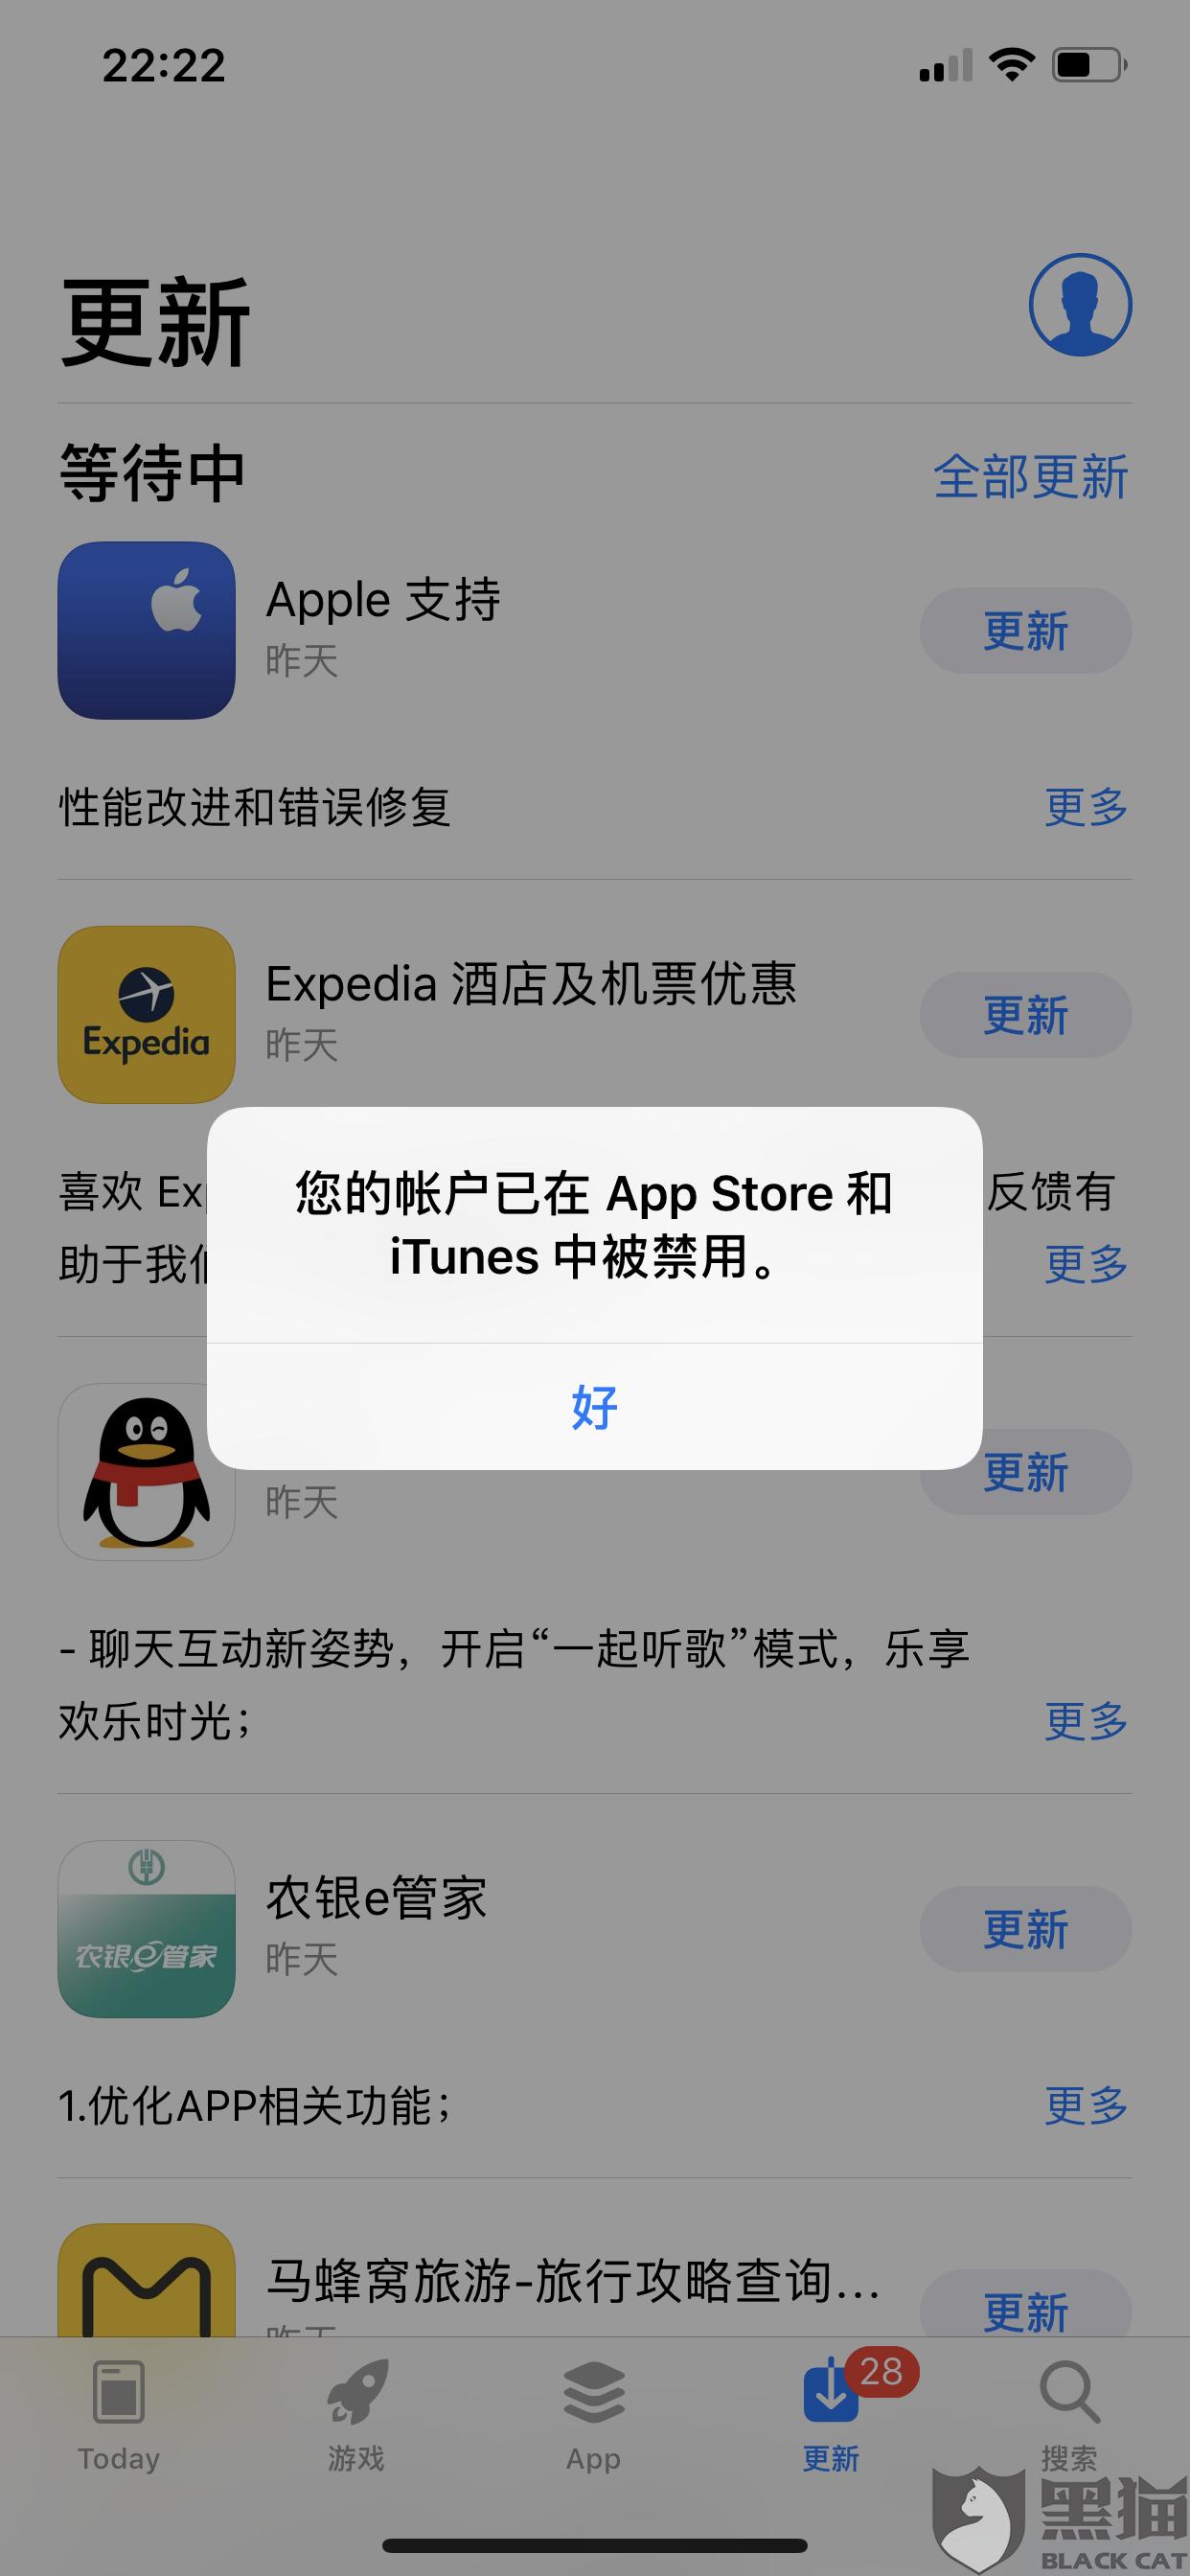 黑猫投诉:4006668***中国苹果itunes账单部门!投诉投诉导致我账号永久被禁